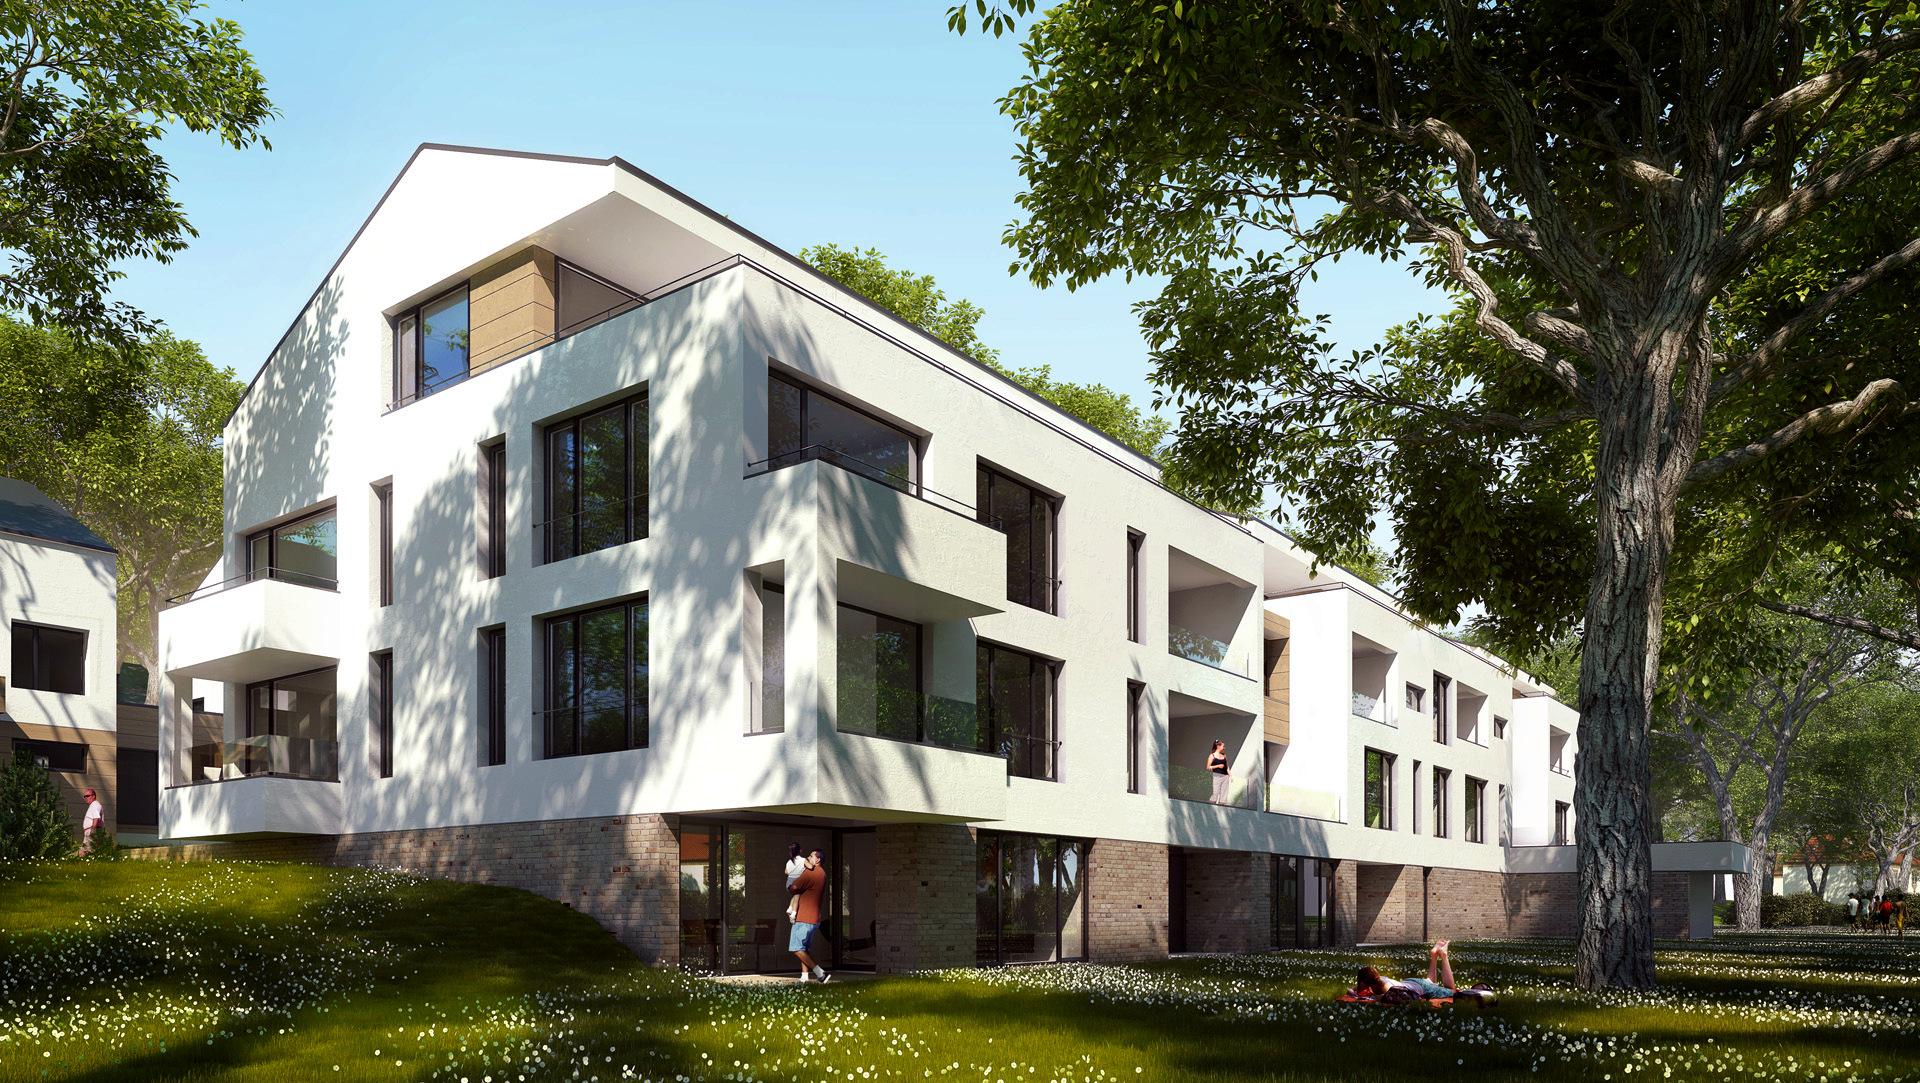 Architekturvisualisierung Stuttgart illustrationen architektur landschaft rohrer höhe xoio